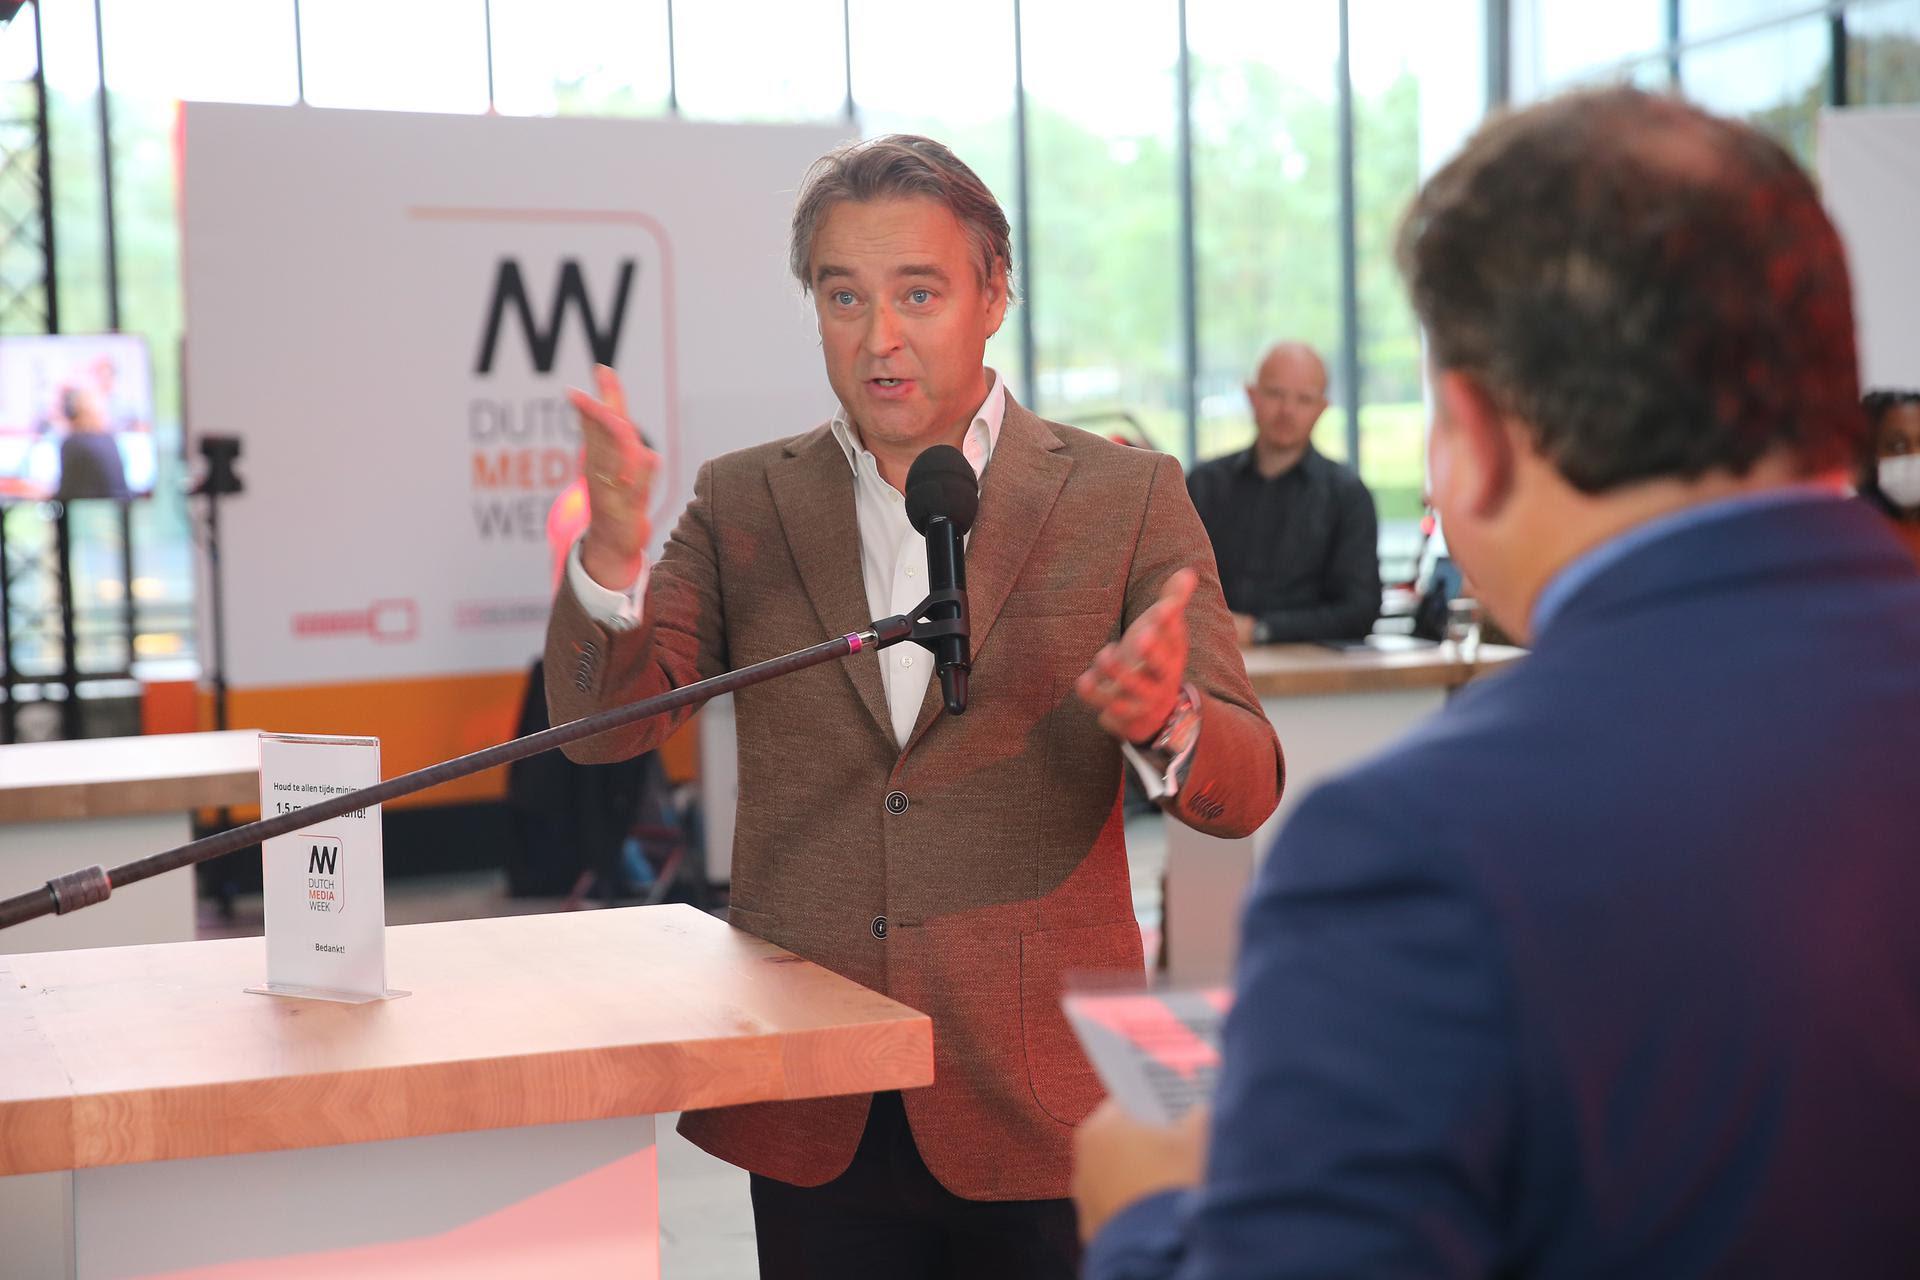 Wethouder Gerard Kuipers in gesprek met Eppo van Nispen tot Sevenaer tijdens de opening Dutch Media Week 2020.jpg